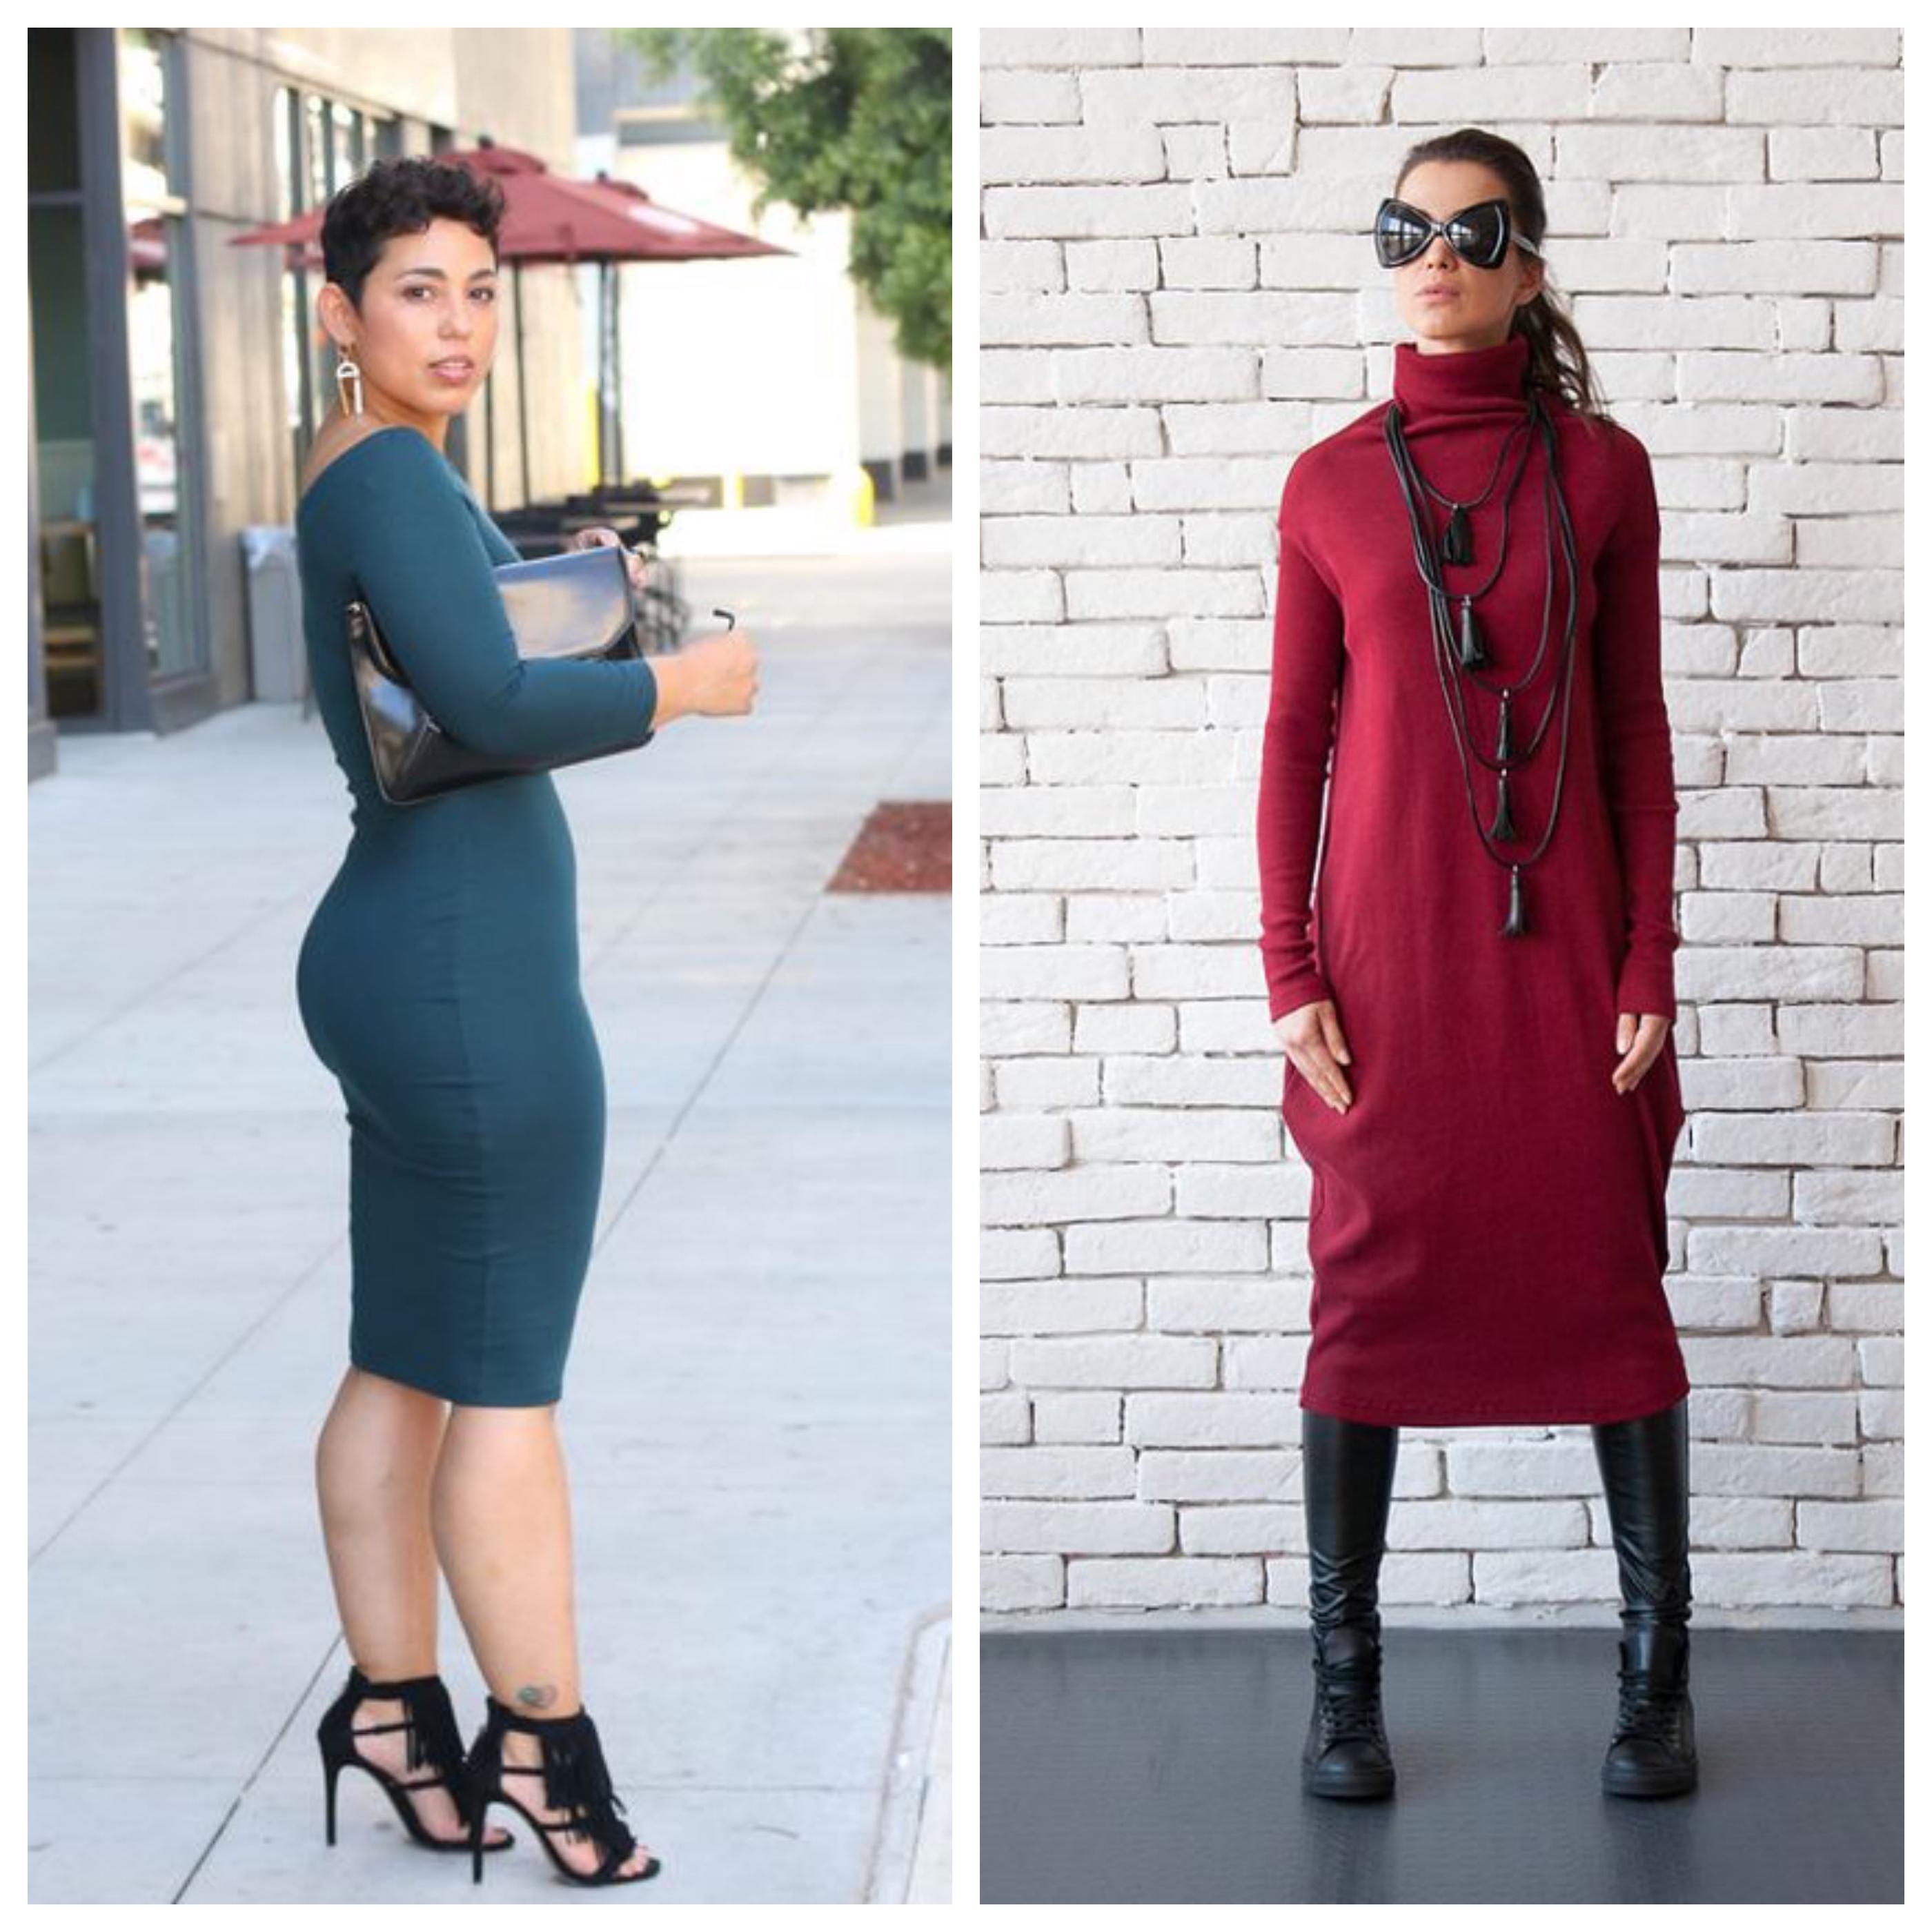 Трикотажное платье - популярные модели и принты